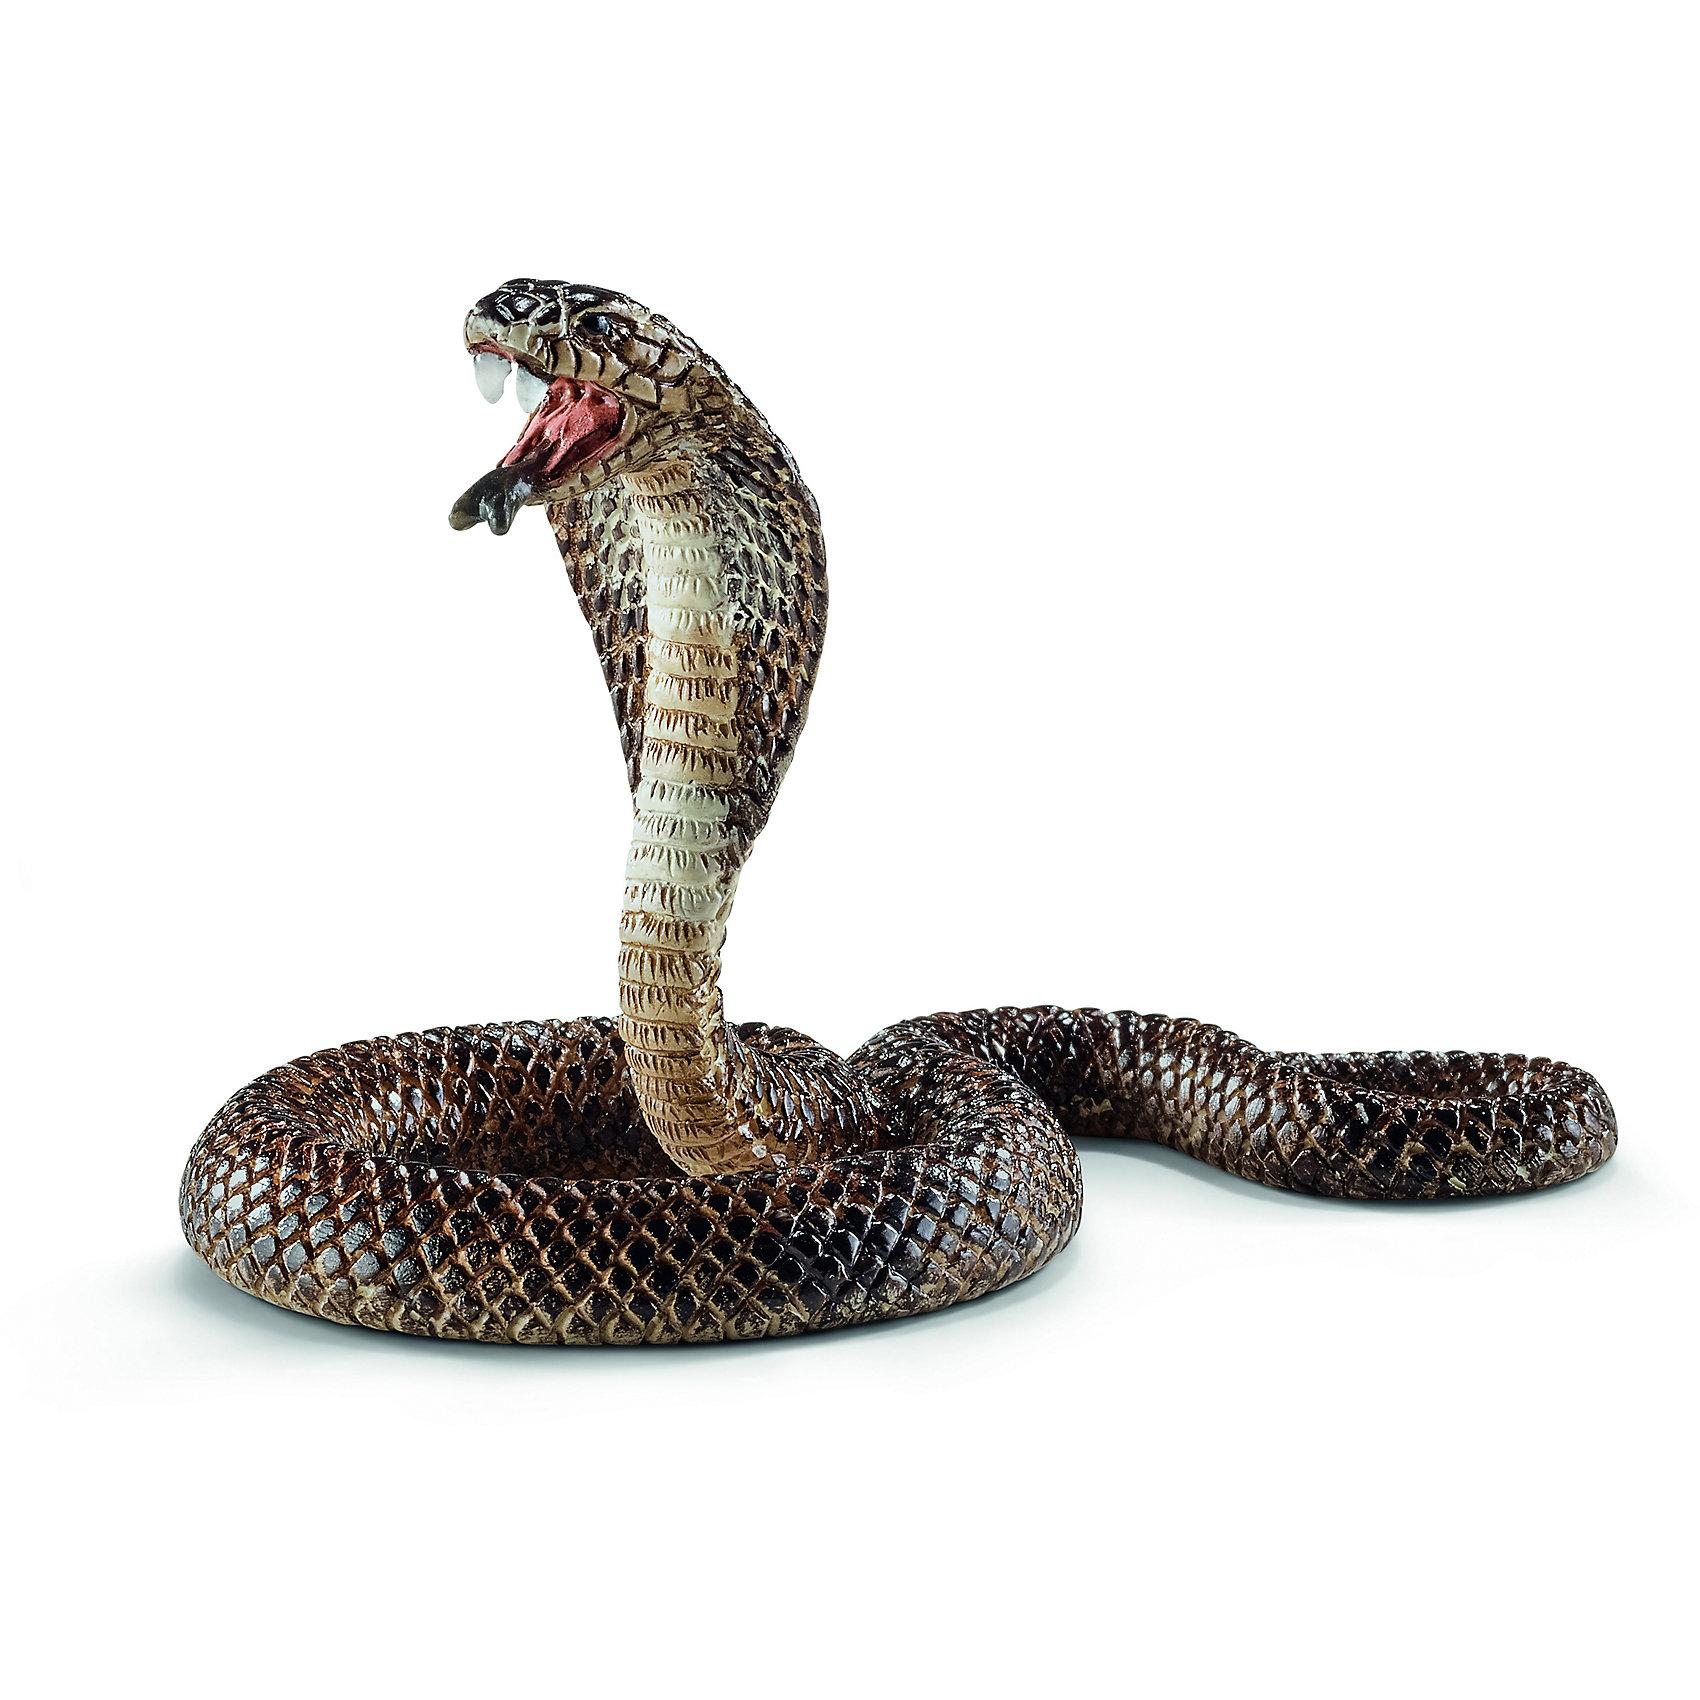 Кобра, SchleichМир животных<br>Кобра, Schleich (Шляйх) – это высококачественная коллекционная и игровая фигурка.<br>Фигурка Кобры прекрасно разнообразит игру вашего ребенка и станет отличным пополнением коллекции его фигурок животных. Кобра - опасная ядовитая змея. Её длина в природе может достигать 5,5 метров! Кобры пугают свою жертву, раздувая свою шею, как широкий капюшон. Фигурка кобры выполнена в бежево-коричневом цвете. У кобры открыт рот и широко расправлен капюшон. <br>Прекрасно выполненные фигурки Schleich (Шляйх) являются максимально точной копией настоящих животных и отличаются высочайшим качеством игрушек ручной работы. Каждая фигурка разработана с учетом исследований в области педагогики и производится как настоящее произведение для маленьких детских ручек. Все фигурки Schleich (Шляйх) сделаны из гипоаллергенных высокотехнологичных материалов, раскрашены вручную и не вызывают аллергии у ребенка.<br><br>Дополнительная информация:<br><br>- Размер фигурки: 4 x 6 x 5 см.<br>- Материал: высококачественный каучуковый пластик<br><br>Фигурку Кобры, Schleich (Шляйх) можно купить в нашем интернет-магазине.<br><br>Ширина мм: 88<br>Глубина мм: 53<br>Высота мм: 17<br>Вес г: 8<br>Возраст от месяцев: 36<br>Возраст до месяцев: 96<br>Пол: Унисекс<br>Возраст: Детский<br>SKU: 3902540